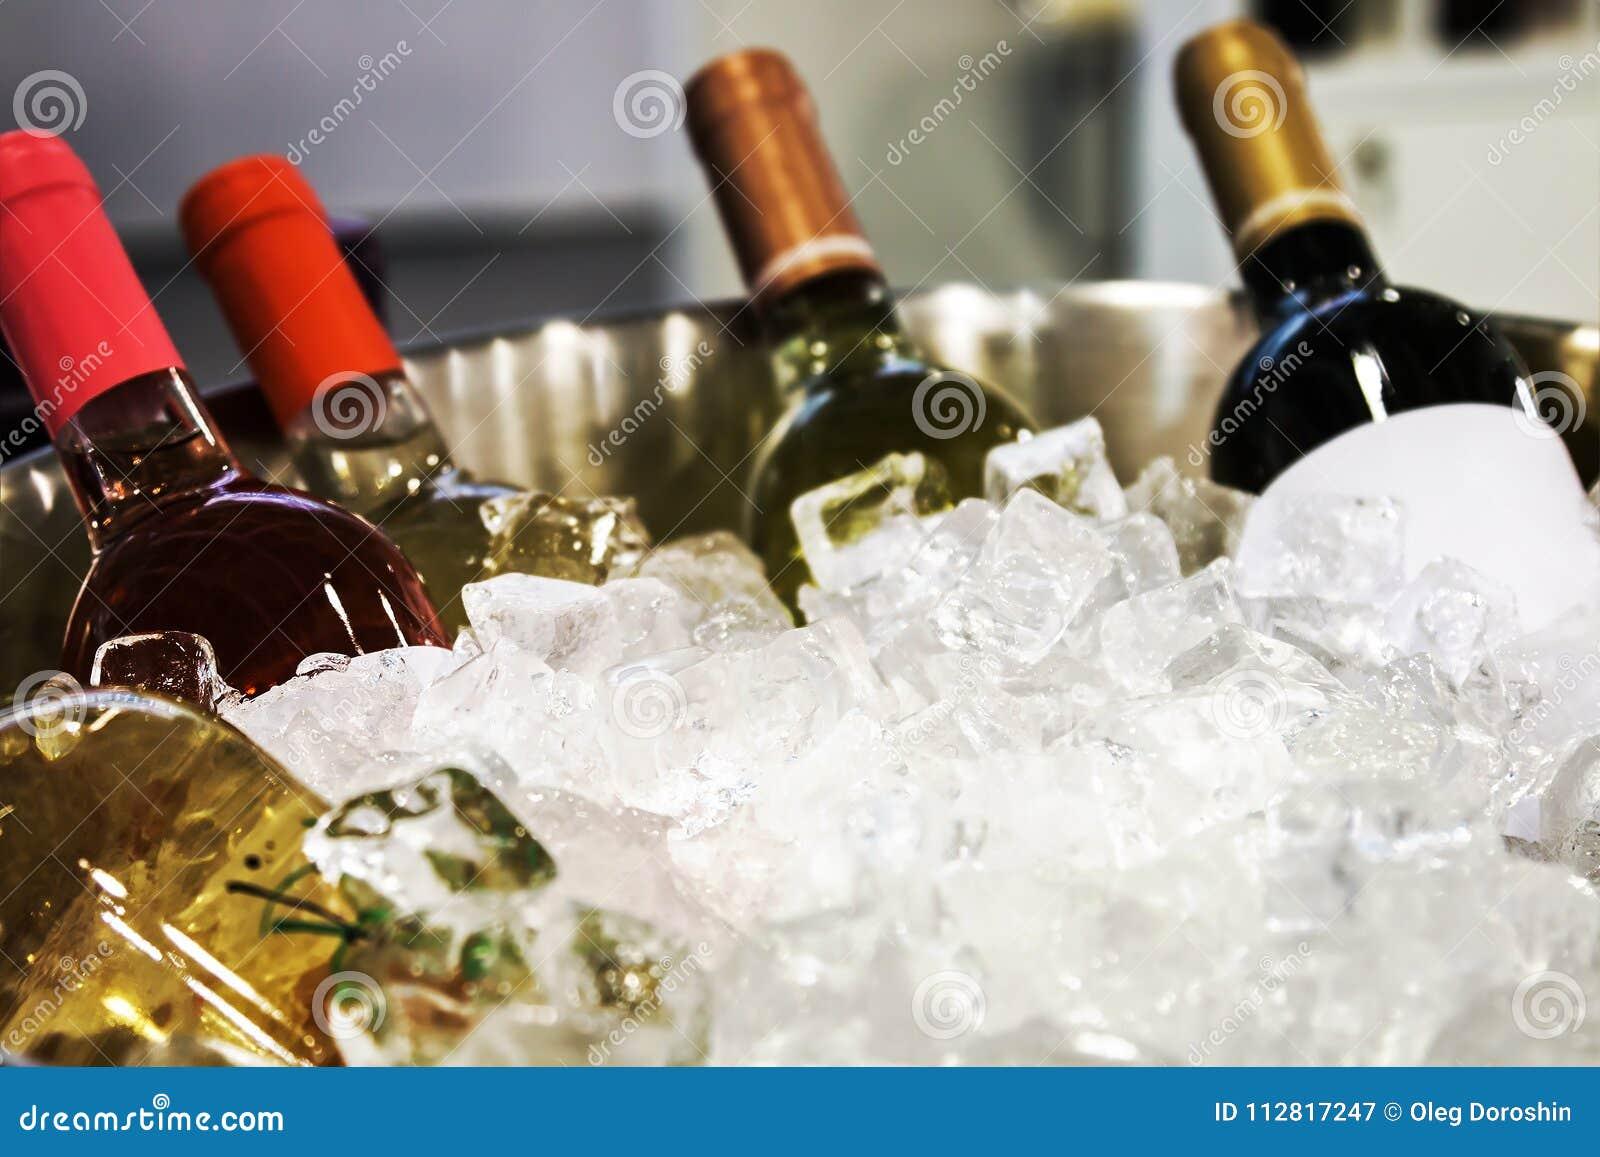 Butelki wino w lodzie przy degustacją